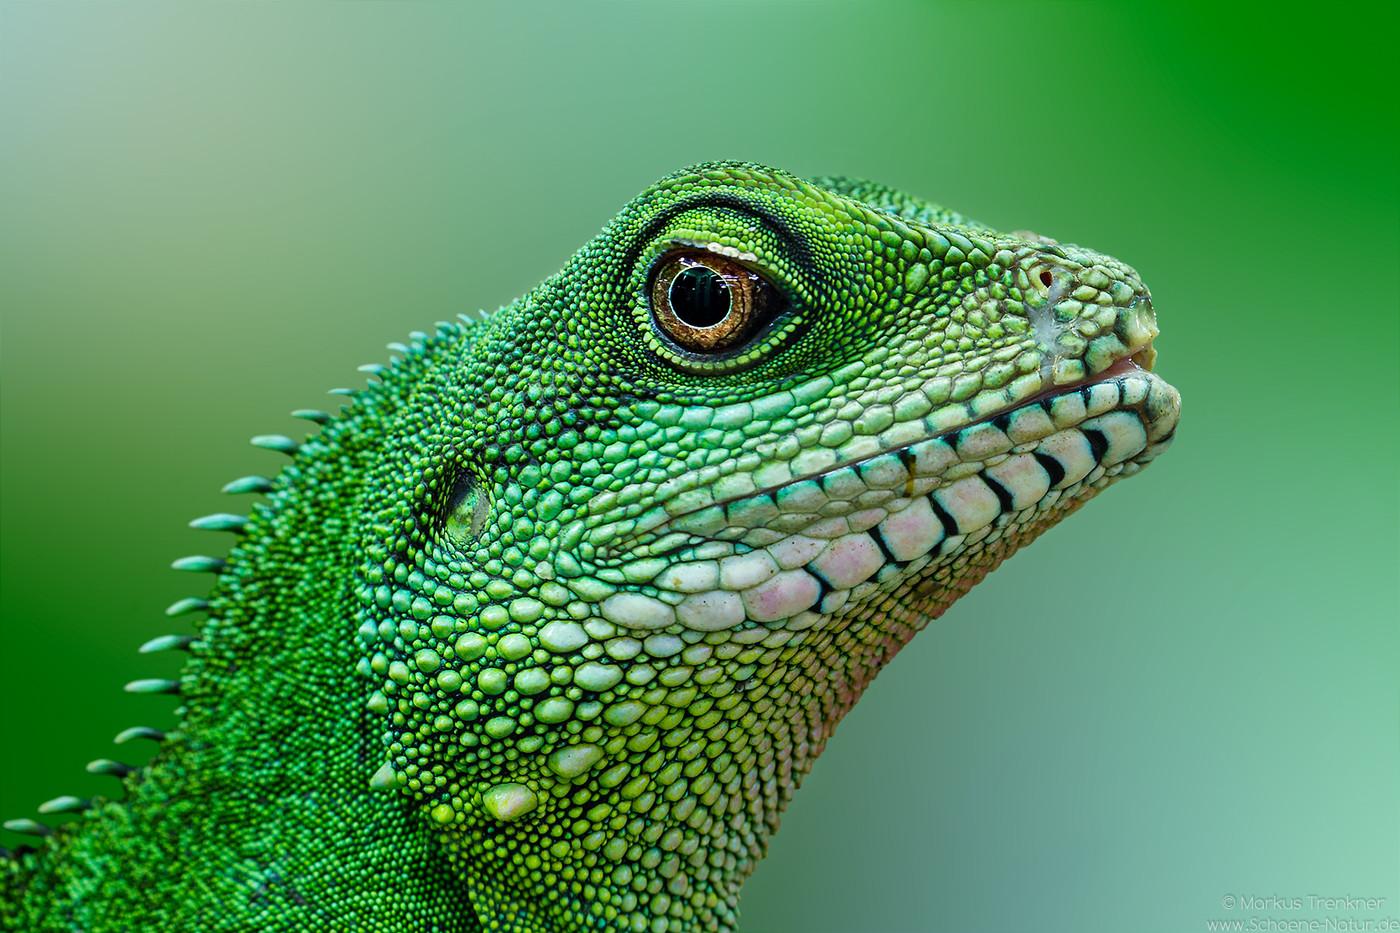 Grüne Wasseragame [Physignathus cocincinus]